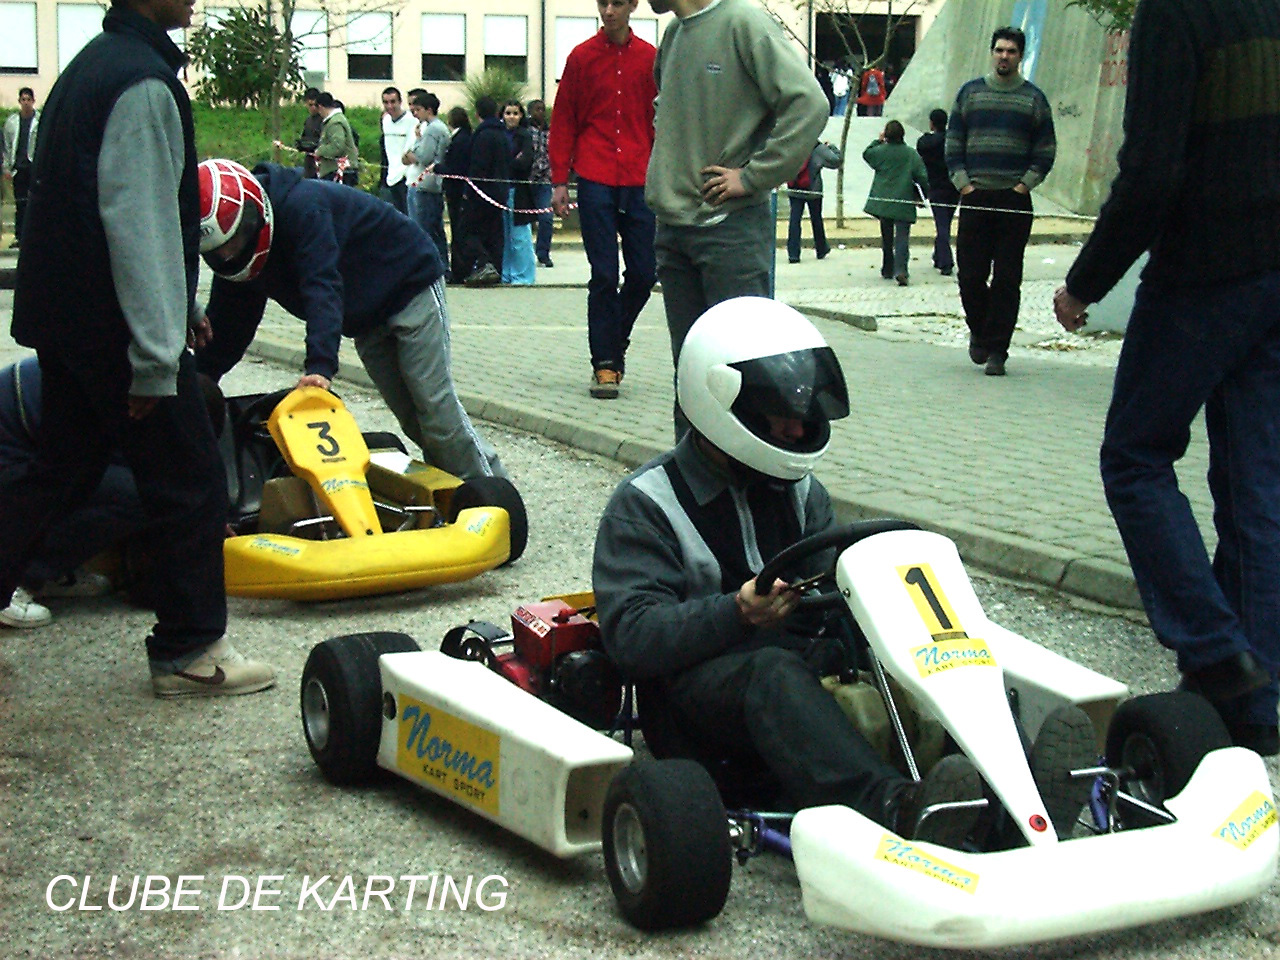 12.Clube de Karting